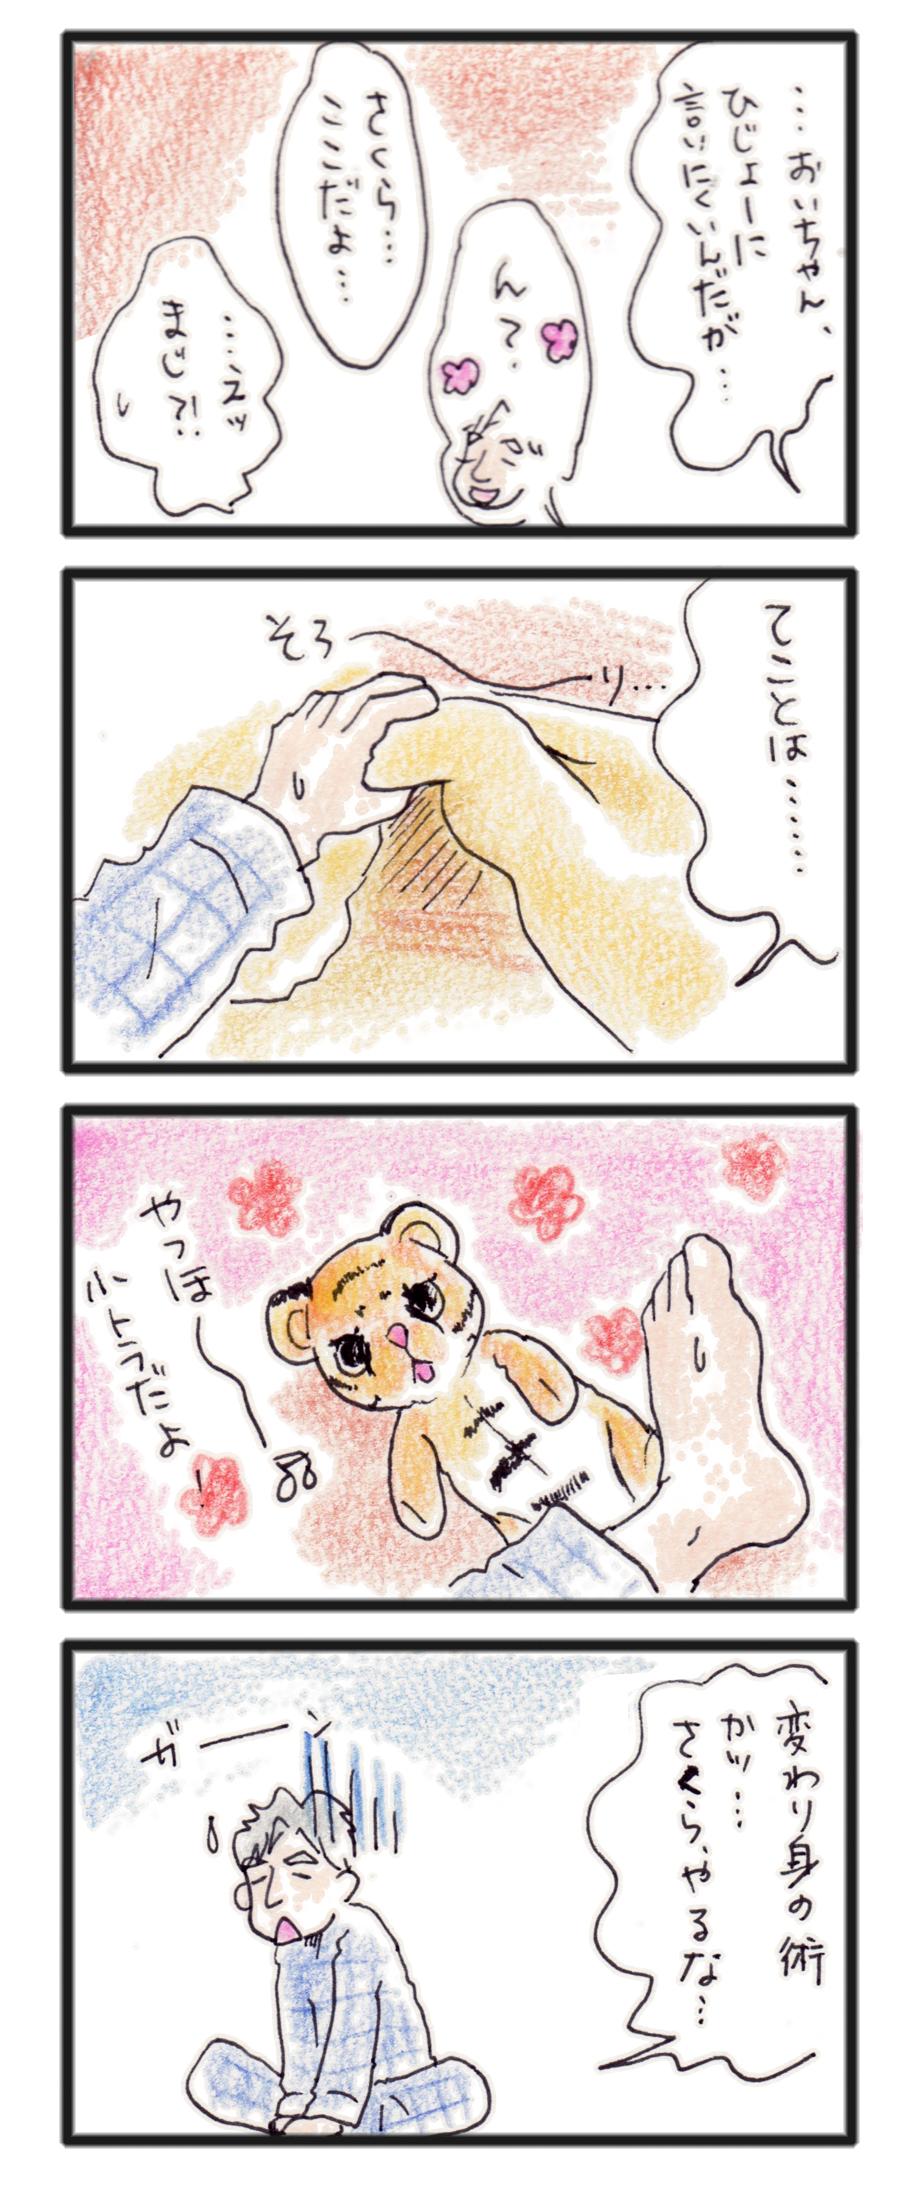 変わり身の術02